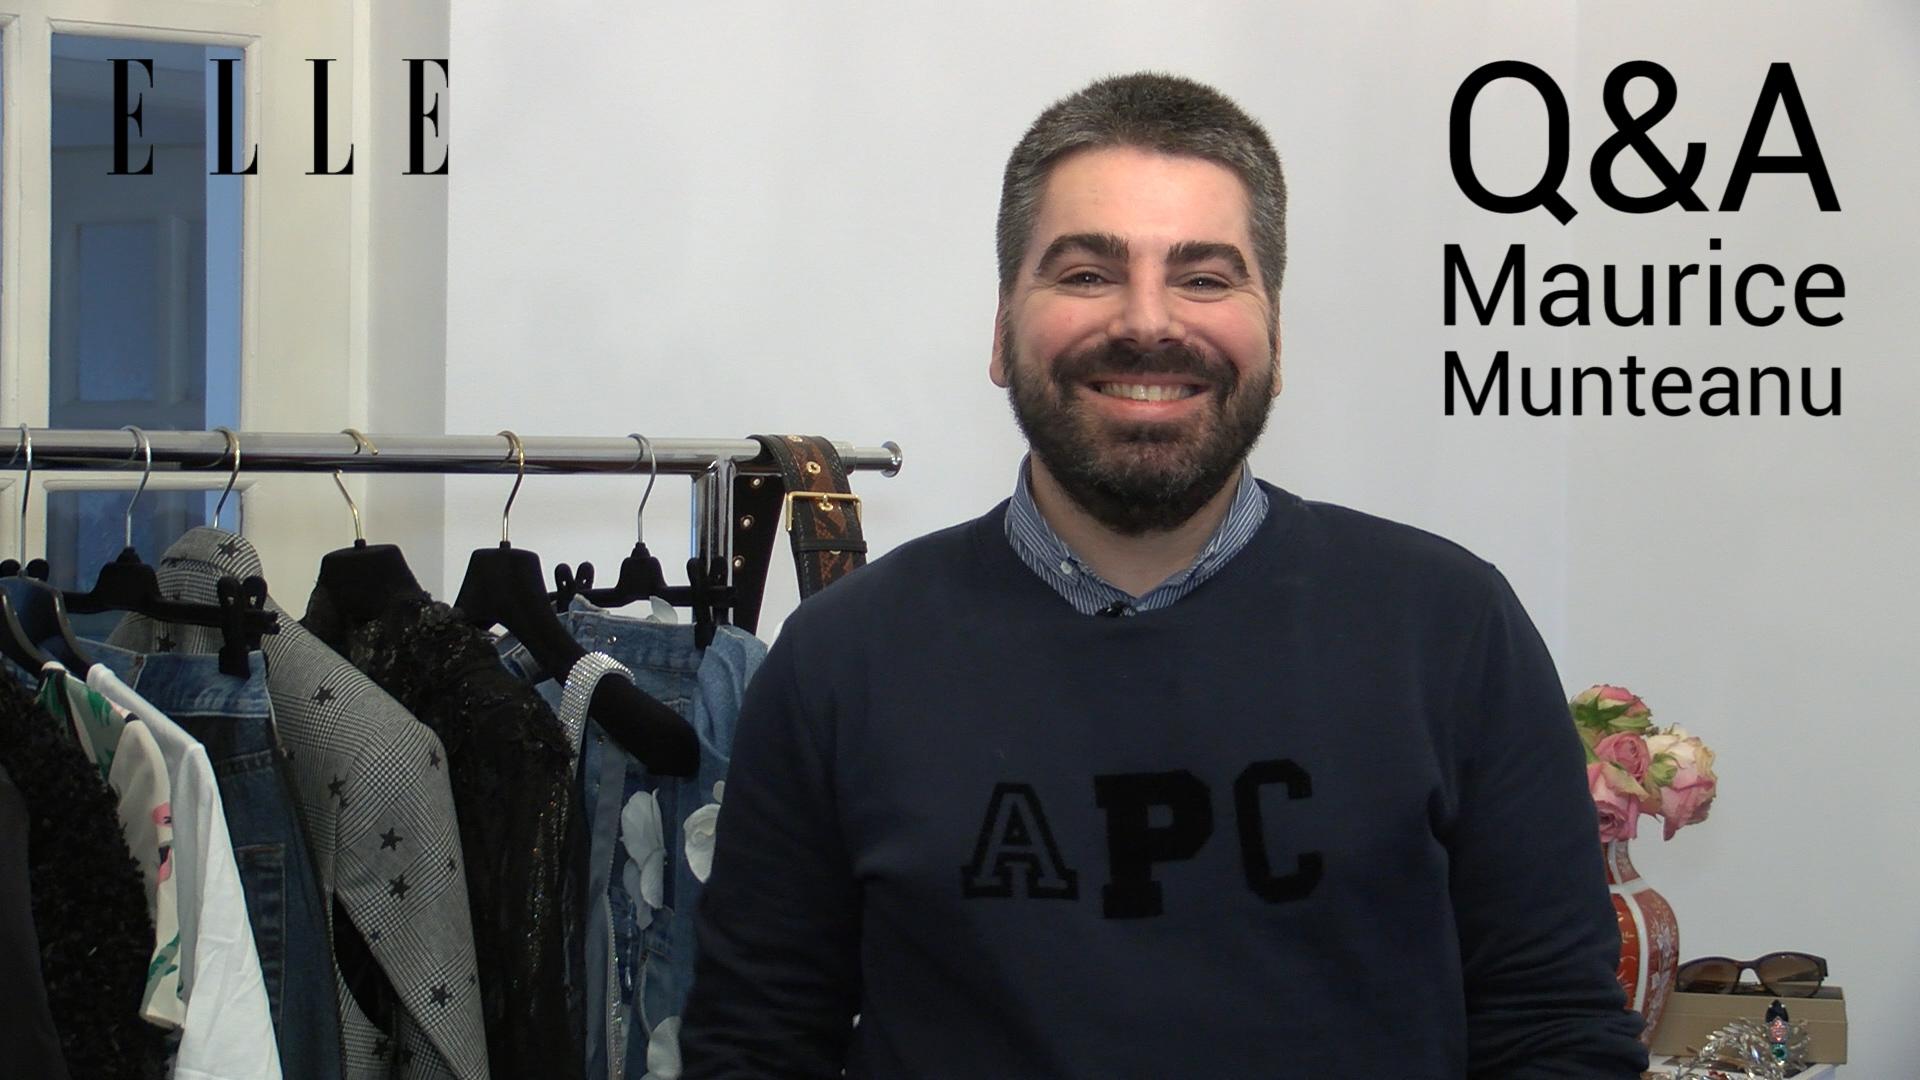 Q&A cu Maurice Munteanu – Episodul #11 (VIDEO)